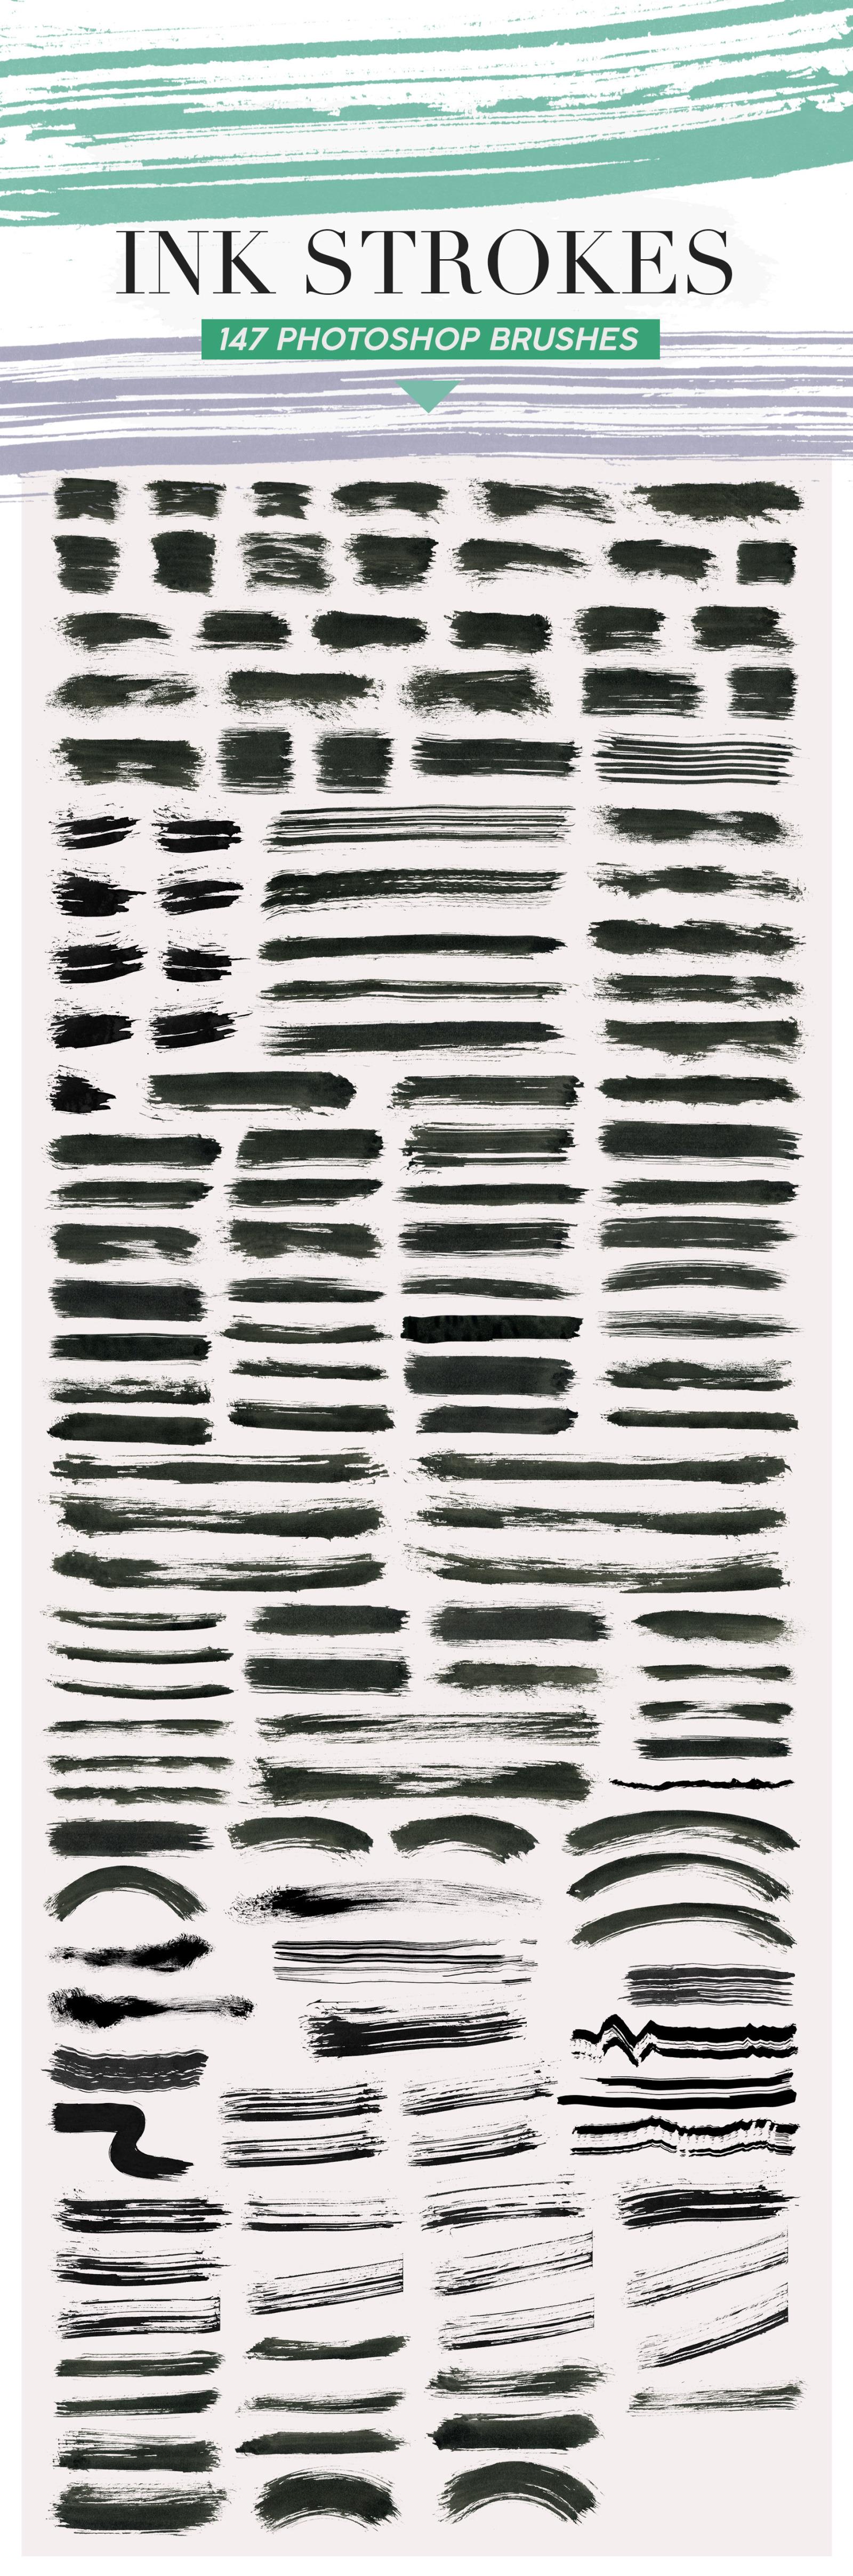 487 Ink Shapes Photoshop Brushes